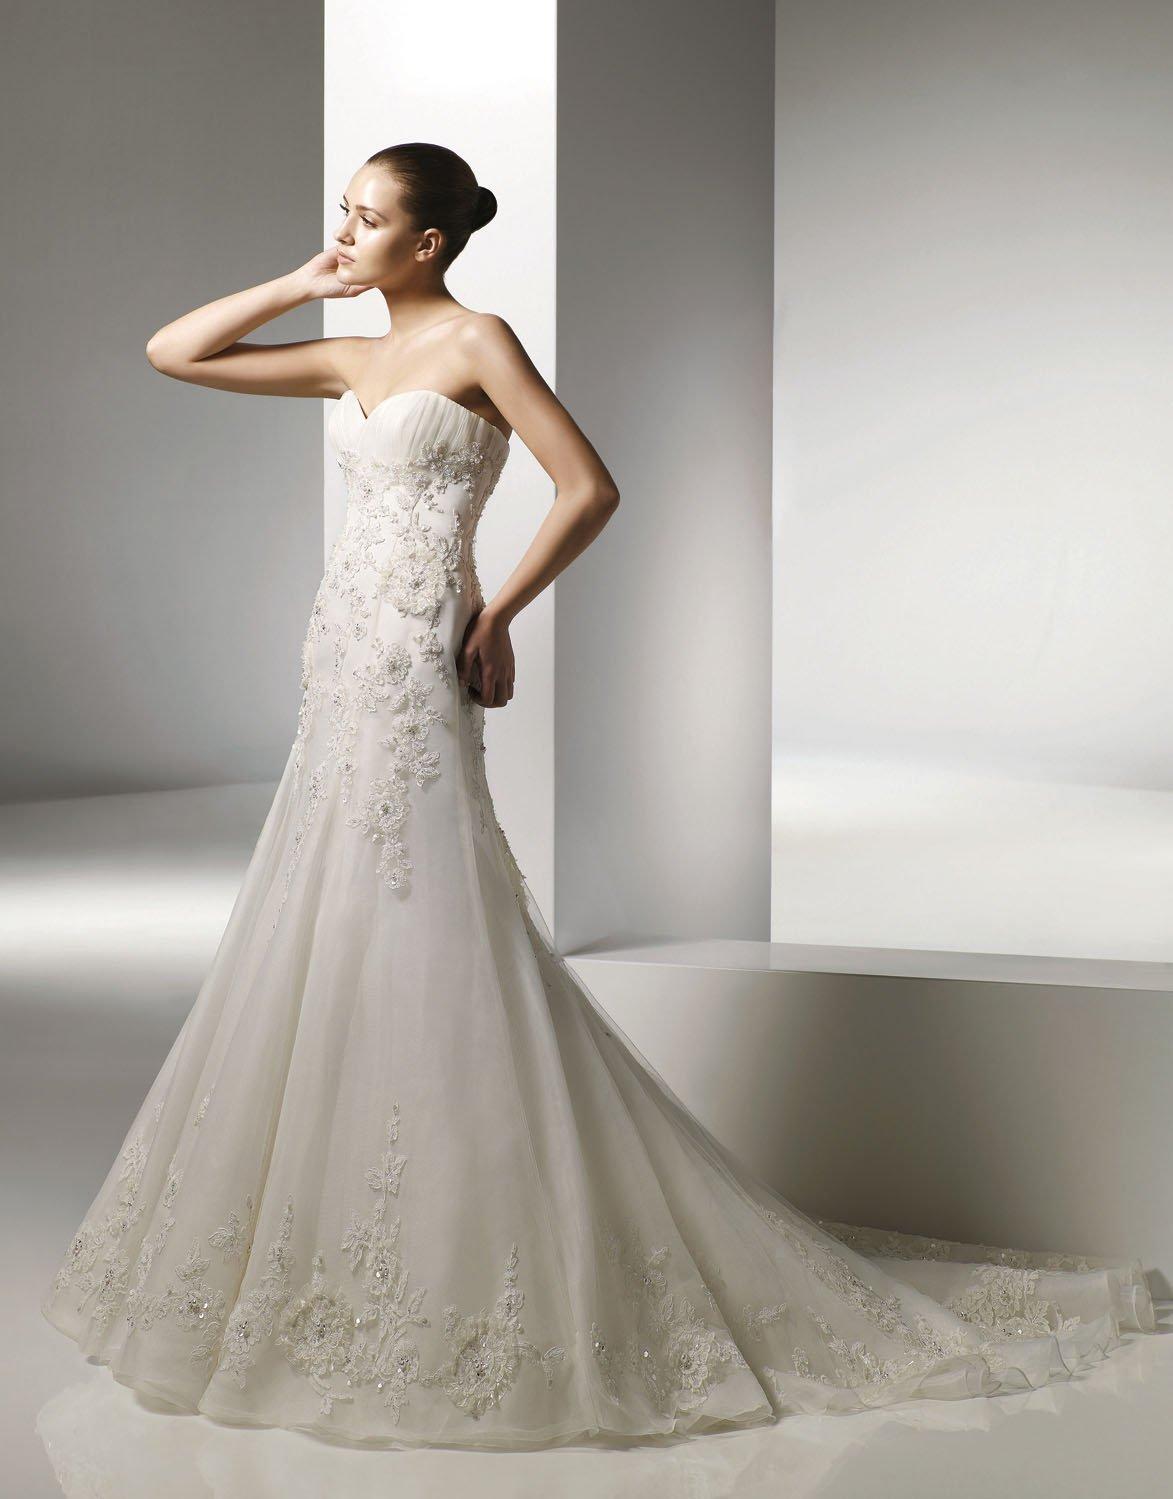 V-neckline Appliqued Beading Organza Wedding Dress Bridal Gown aq0036